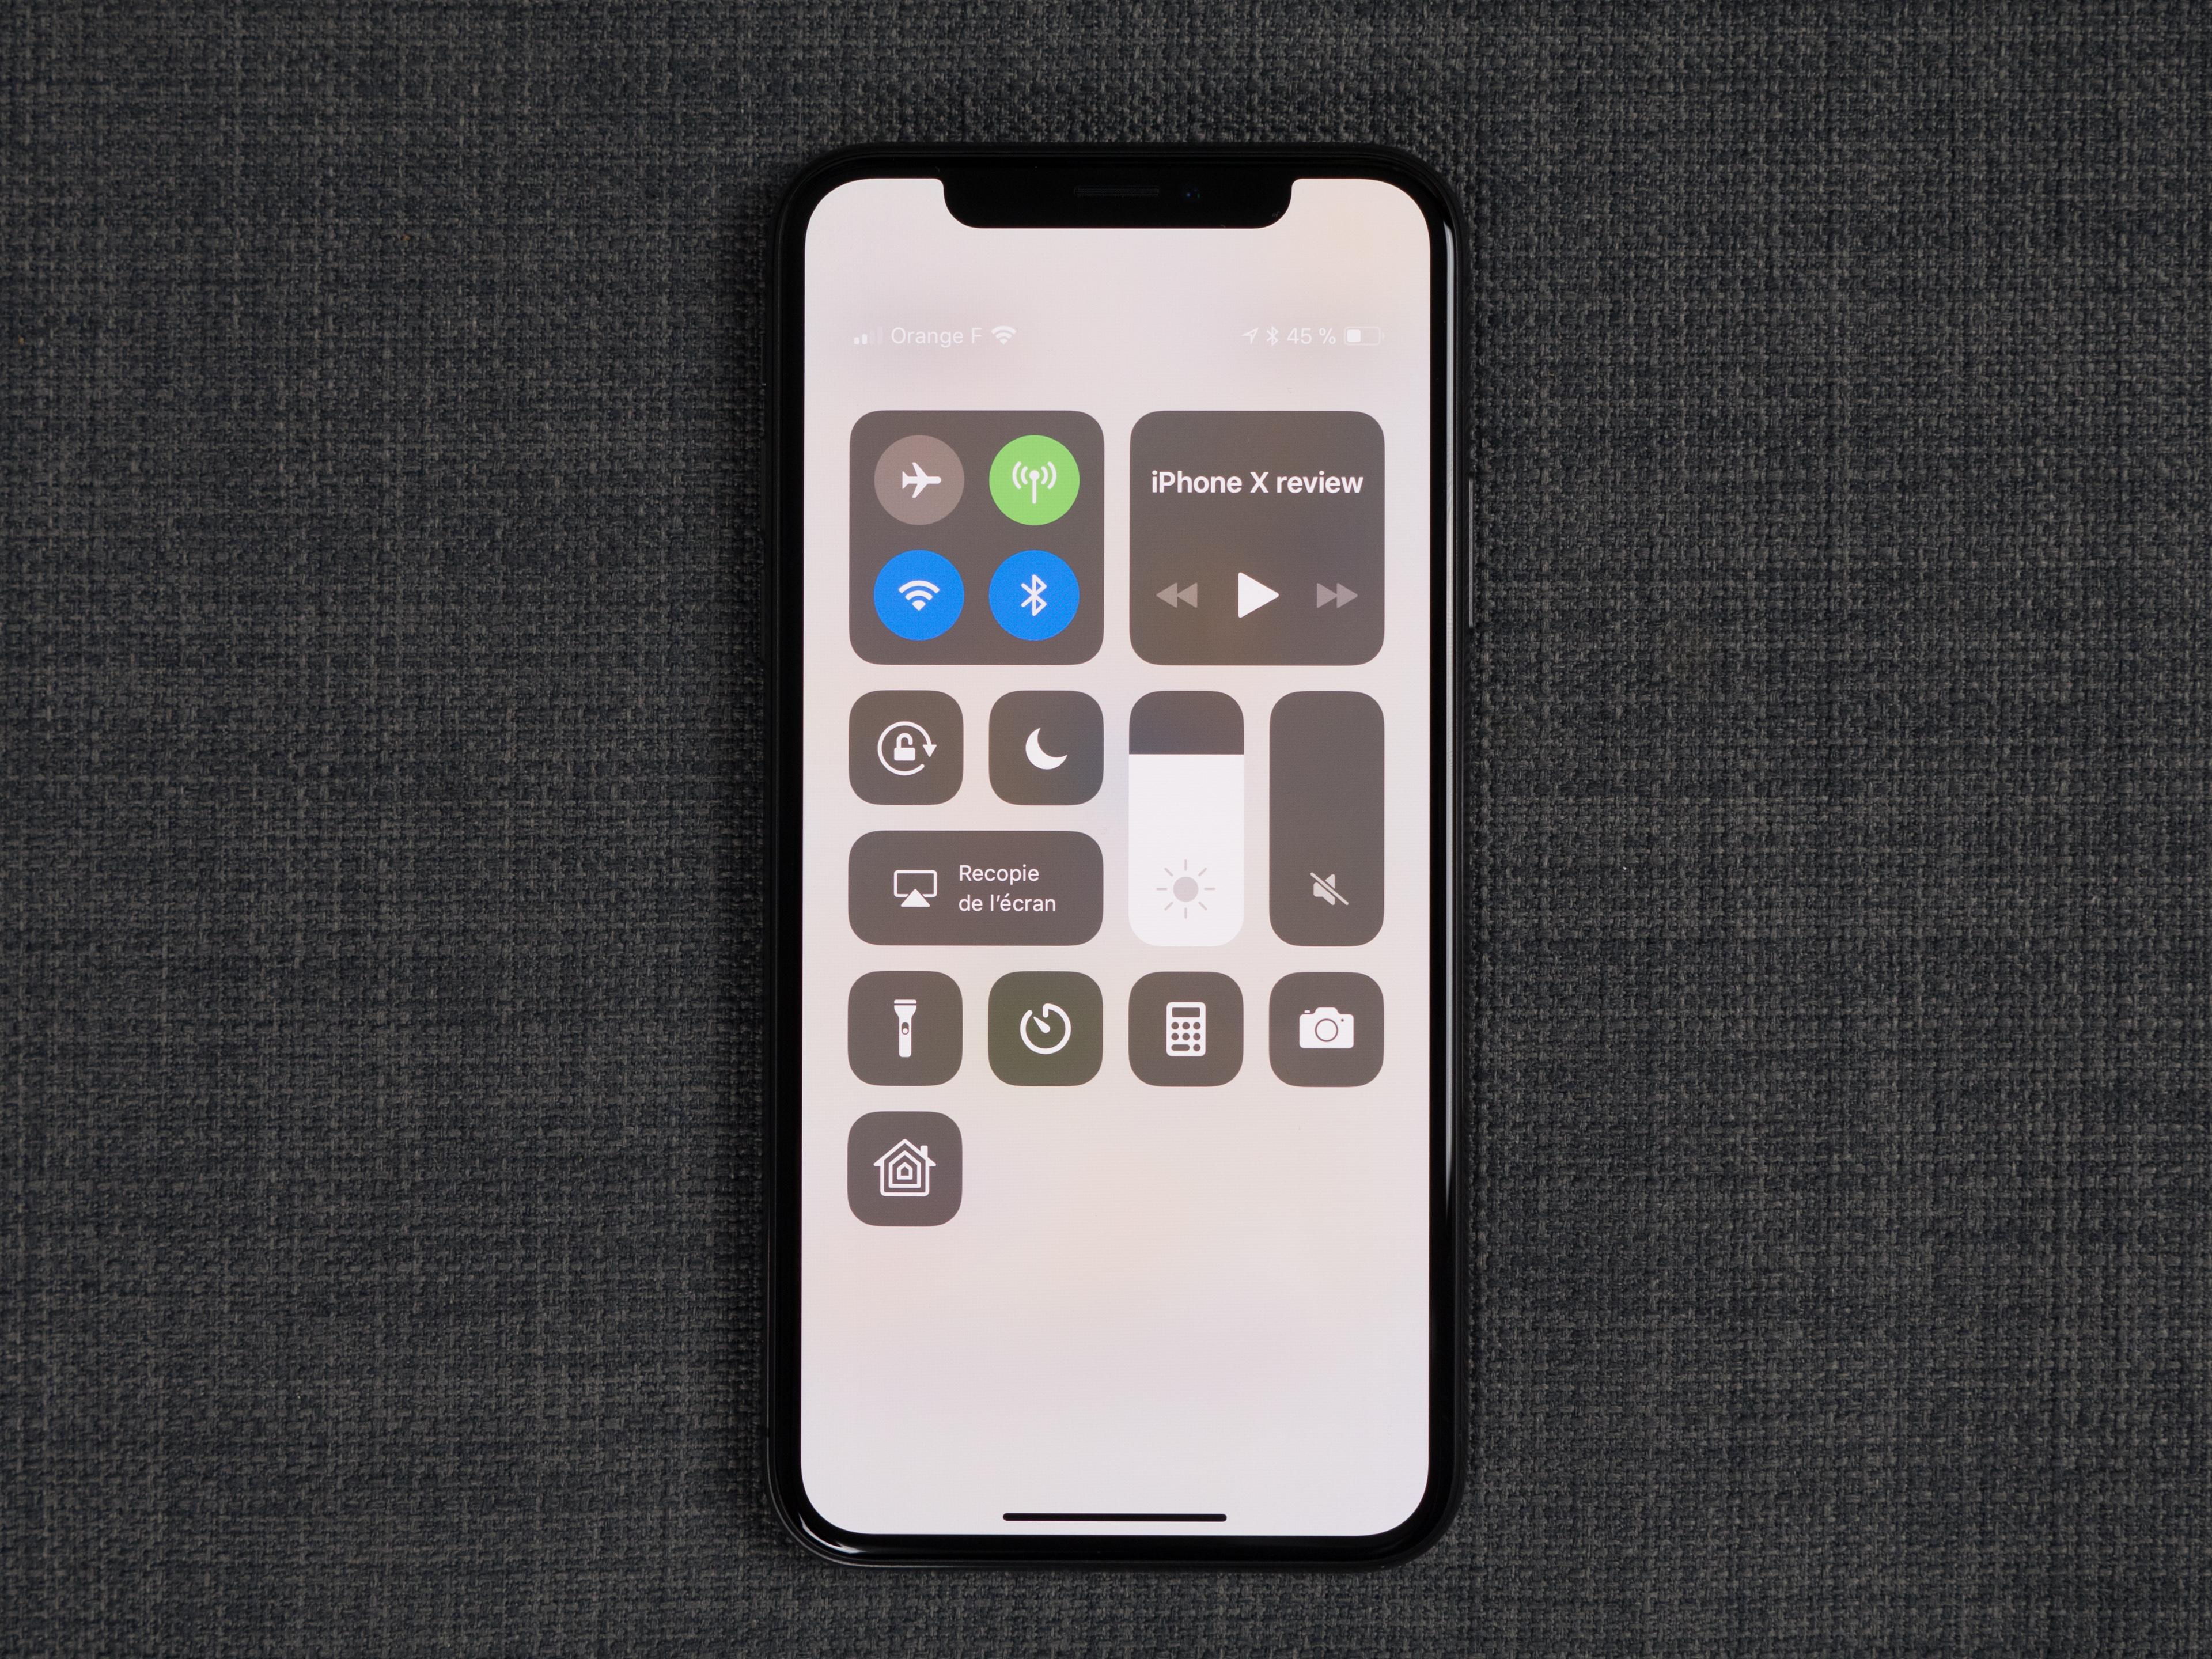 b9f3762bbed102 Depuis la sortie de l iPhone X, de plus en plus de constructeurs font le  choix de commercialiser leurs smartphones avec une encoche.